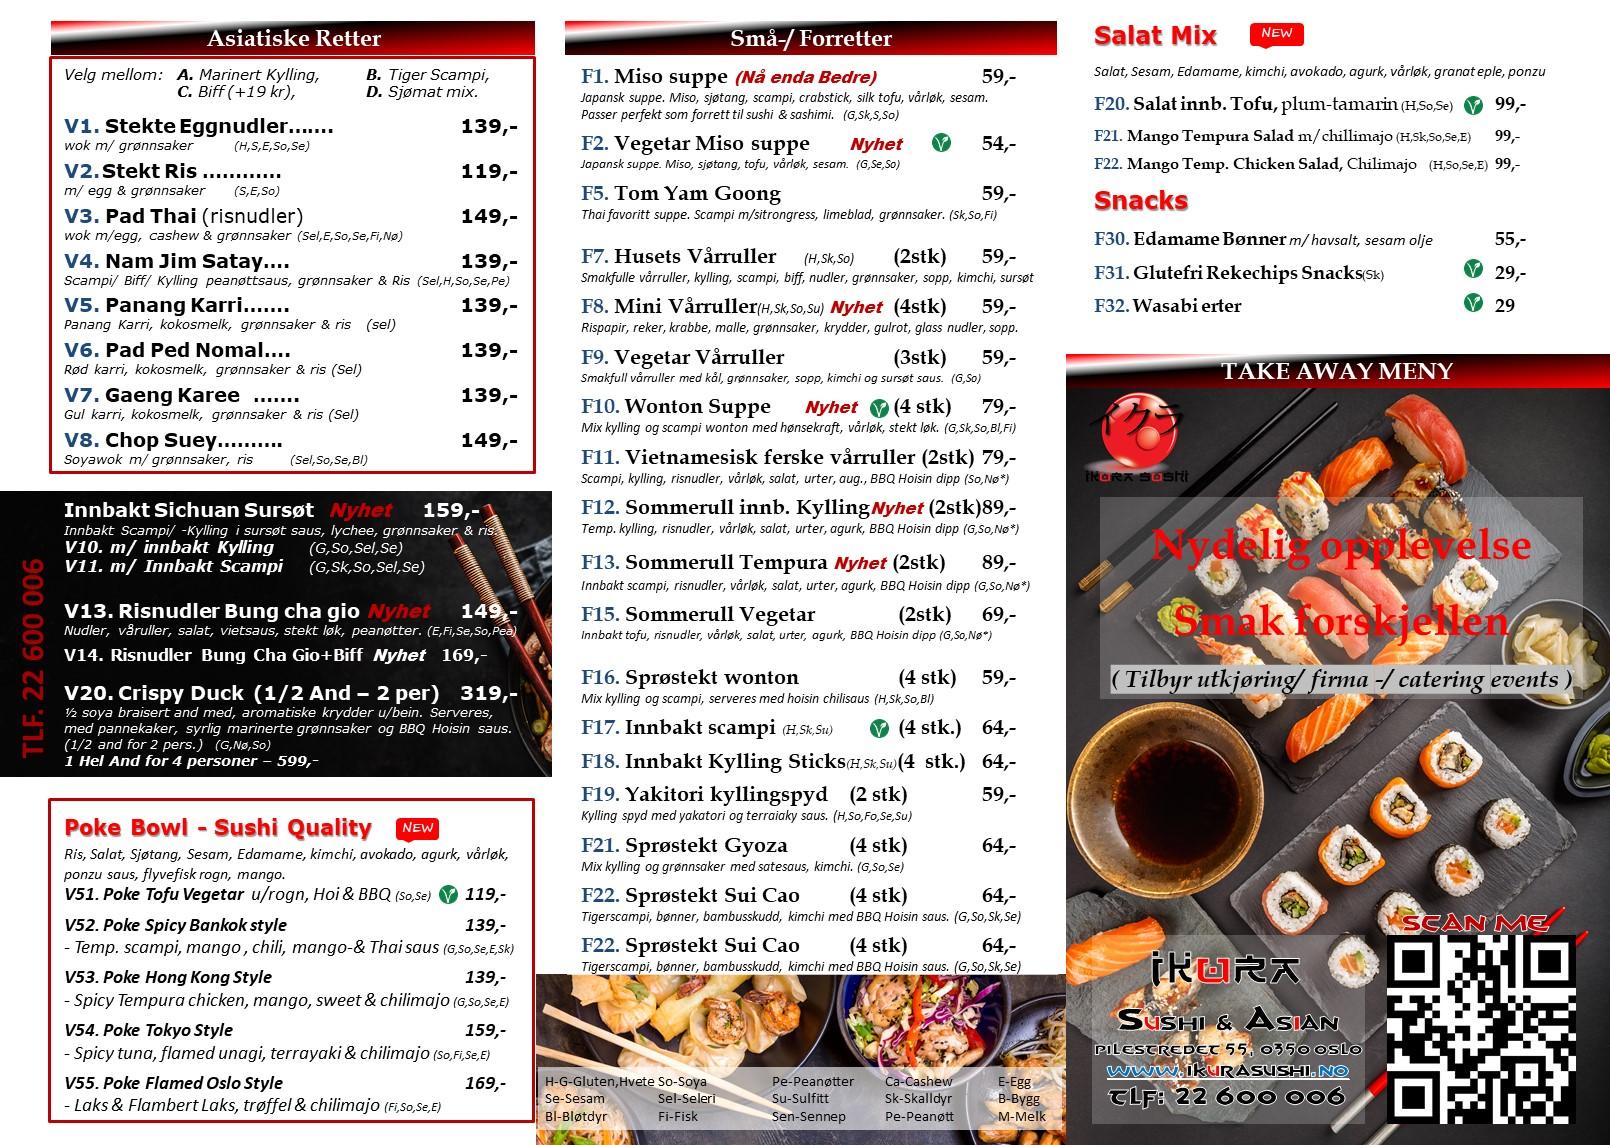 Ikura sushi Meny 1